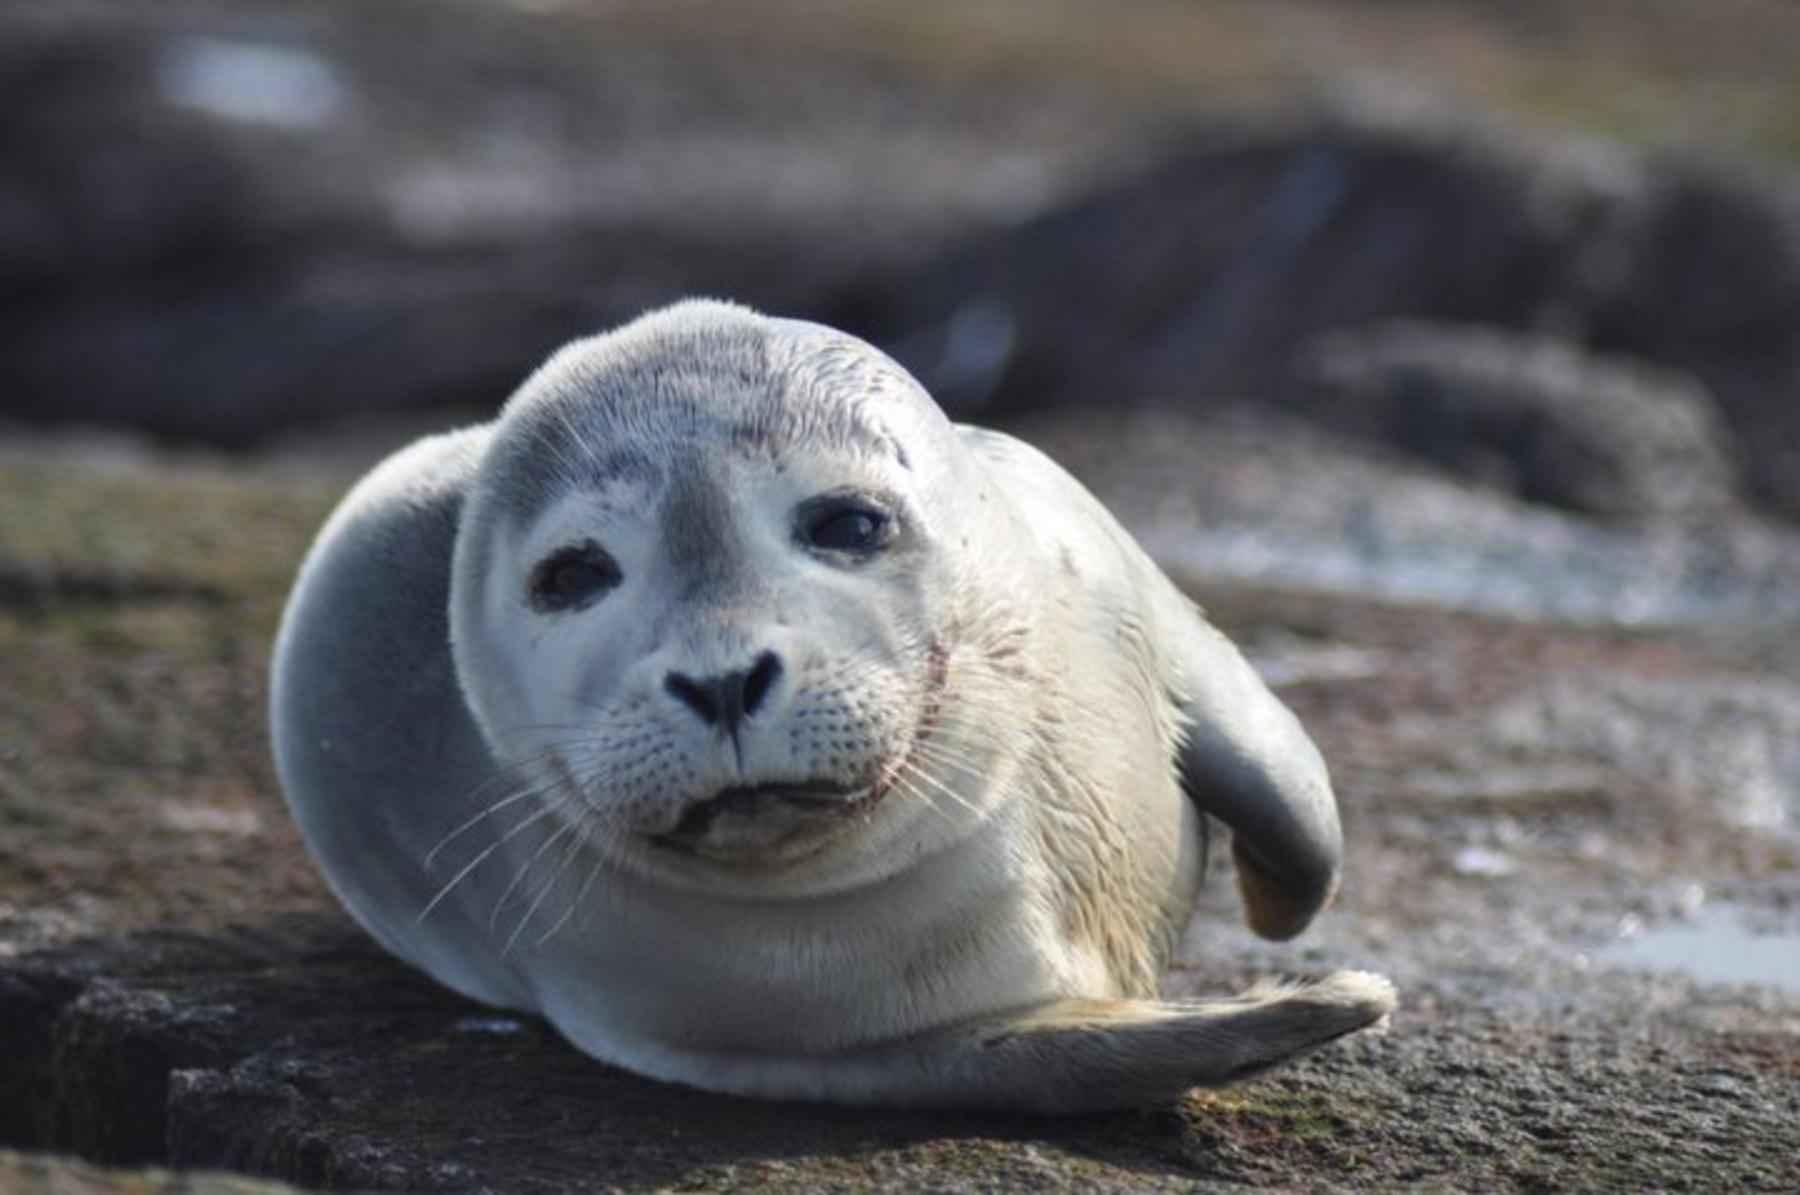 Harbor_seal_mammal_phoca_vitulina Picardia (FR): cuccioli di foca riprendono il mare